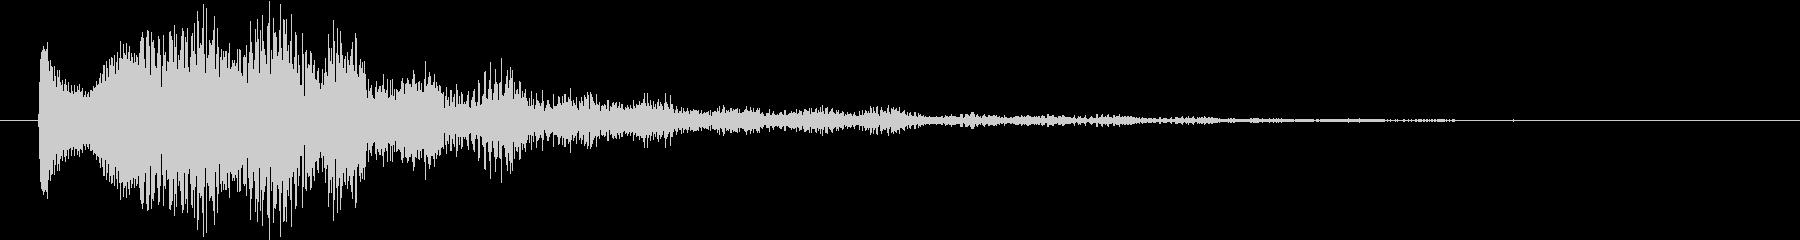 サウンドロゴ(華やか、残響)の未再生の波形